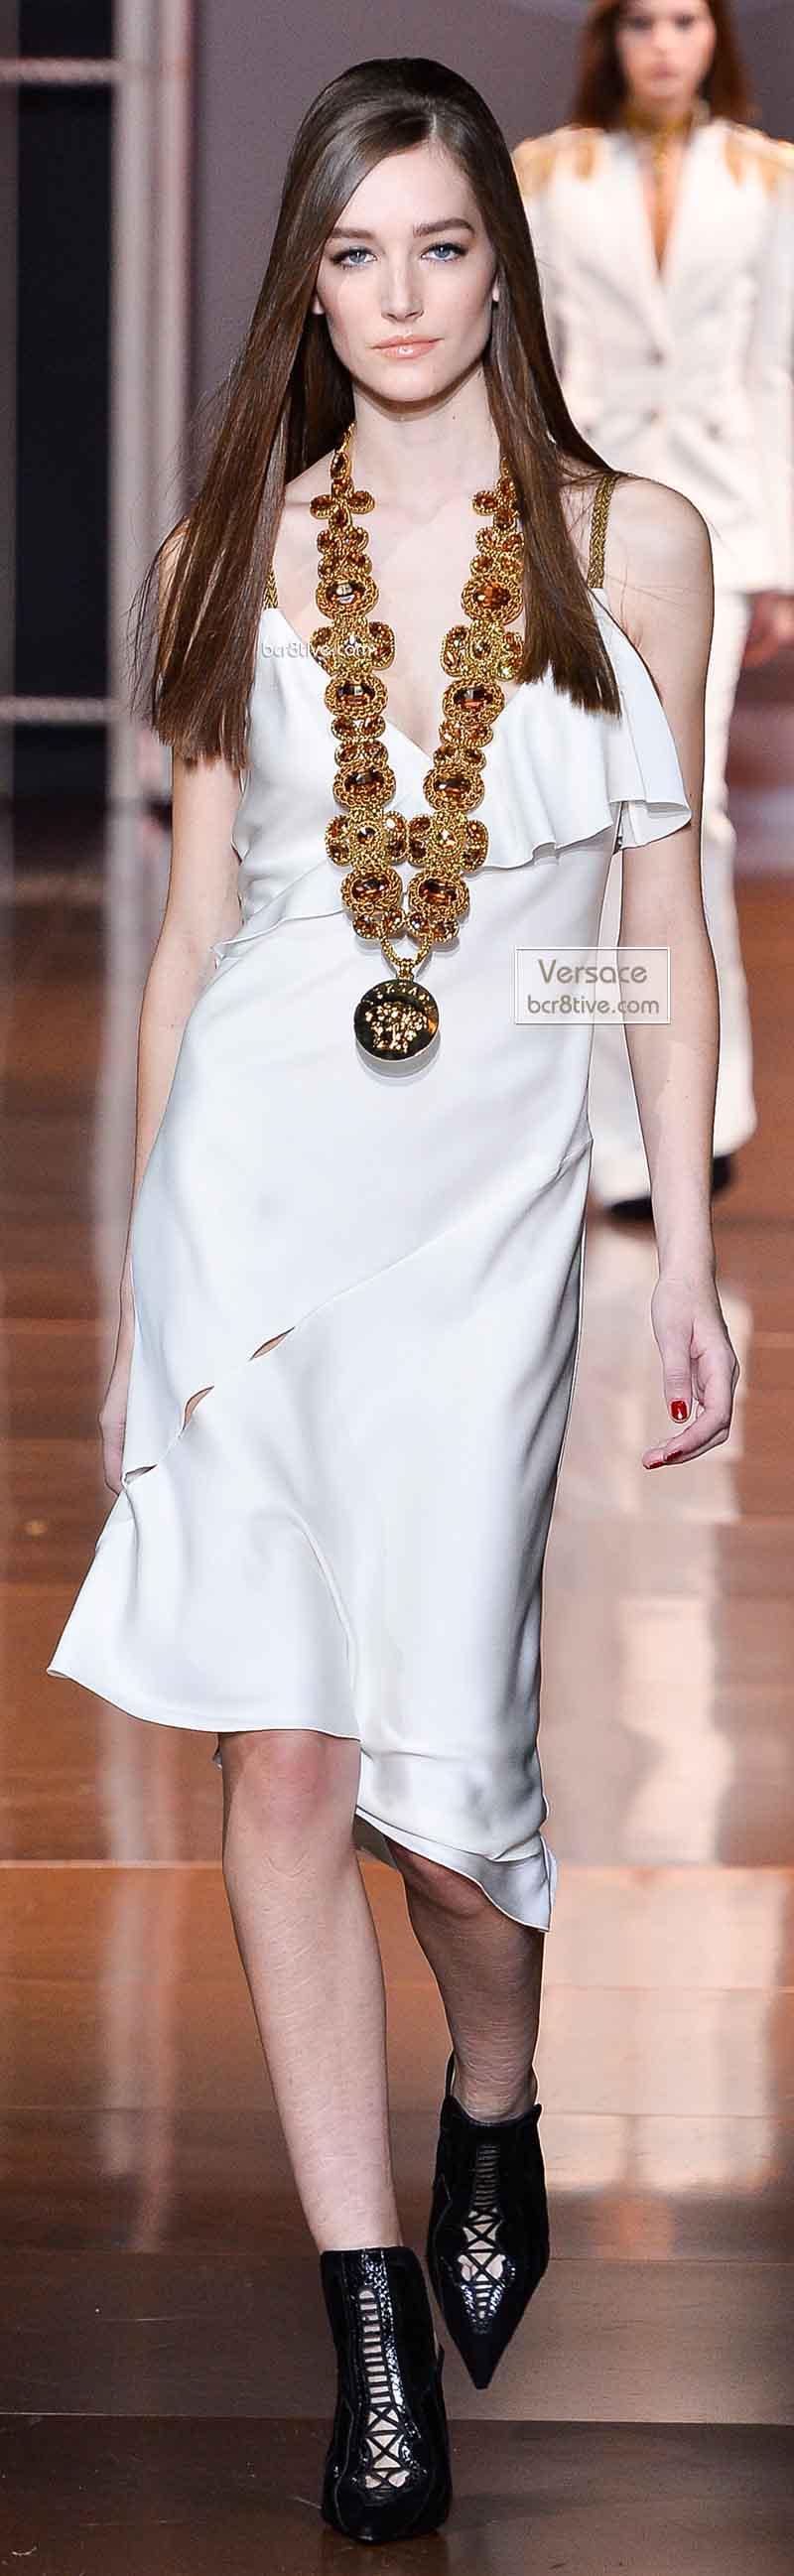 Versace Fall 2014 - Josephine Le Tutour